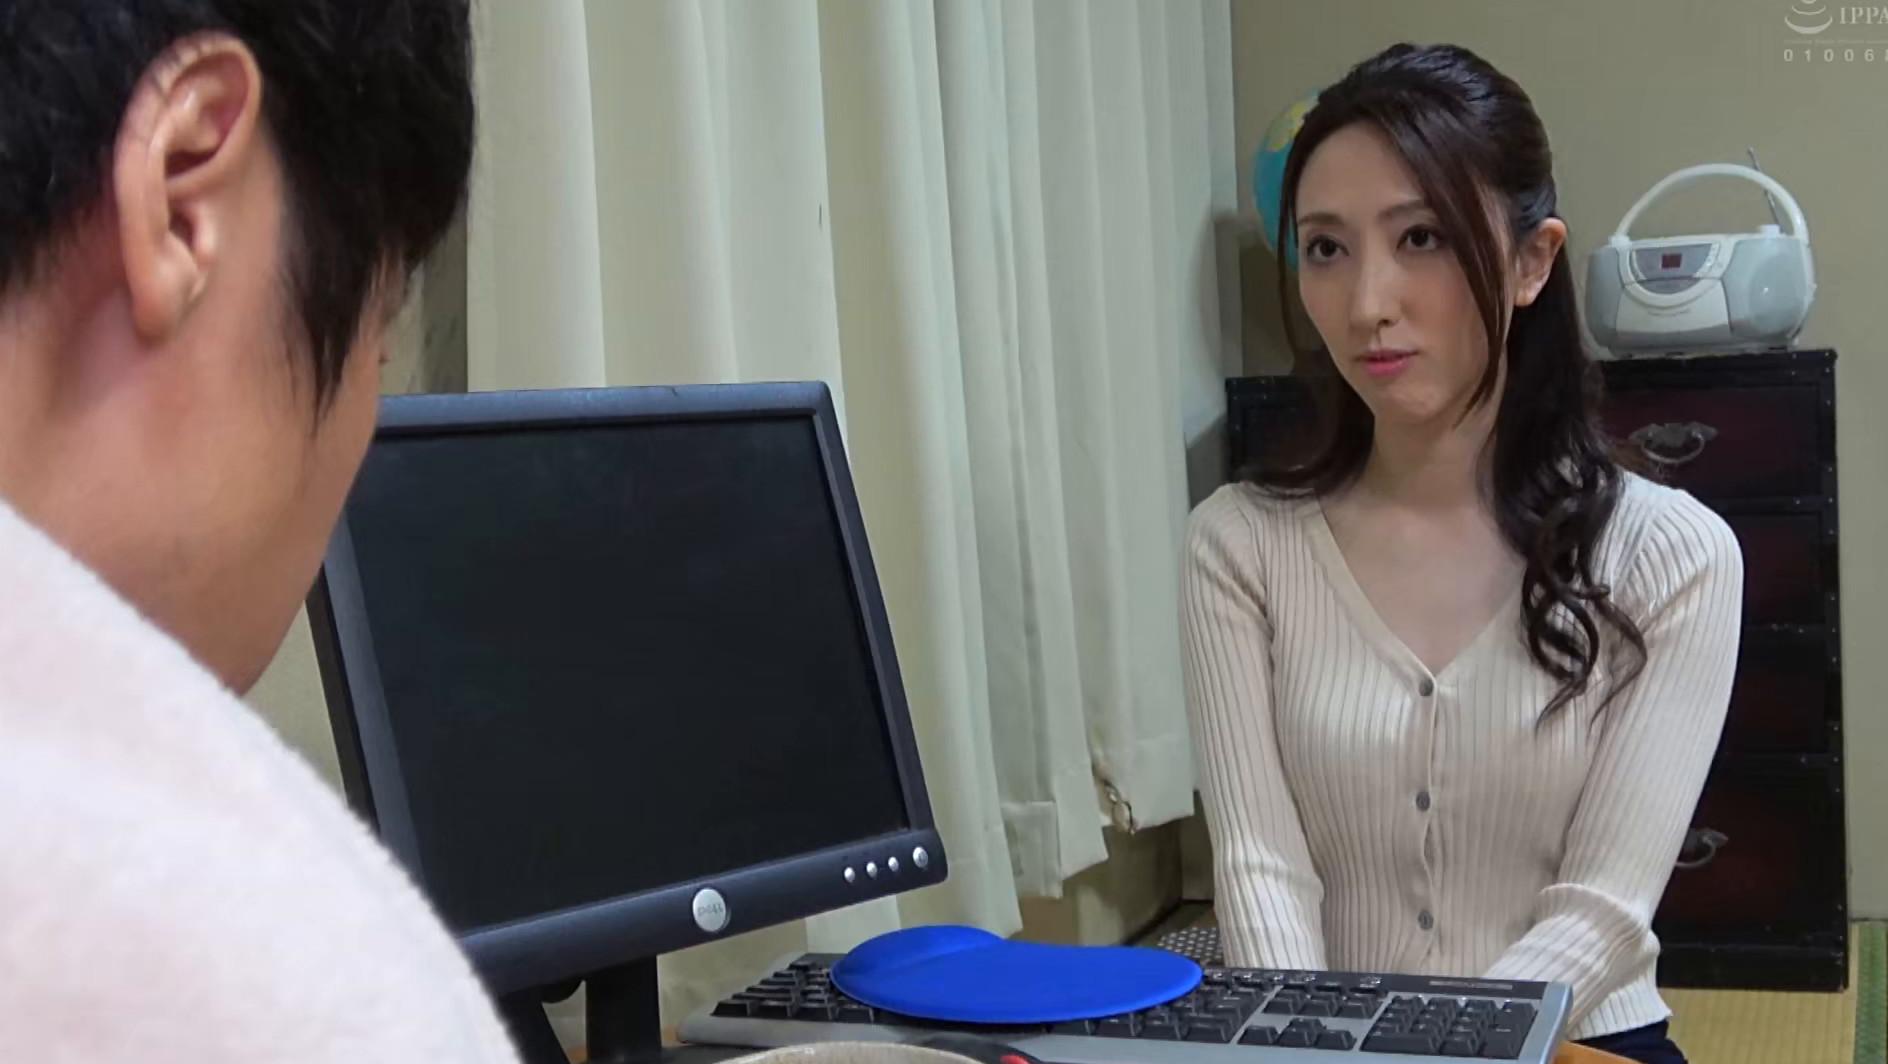 子供部屋おじさん(35歳無職の息子)を性処理する義母 柏原友美恵 画像1